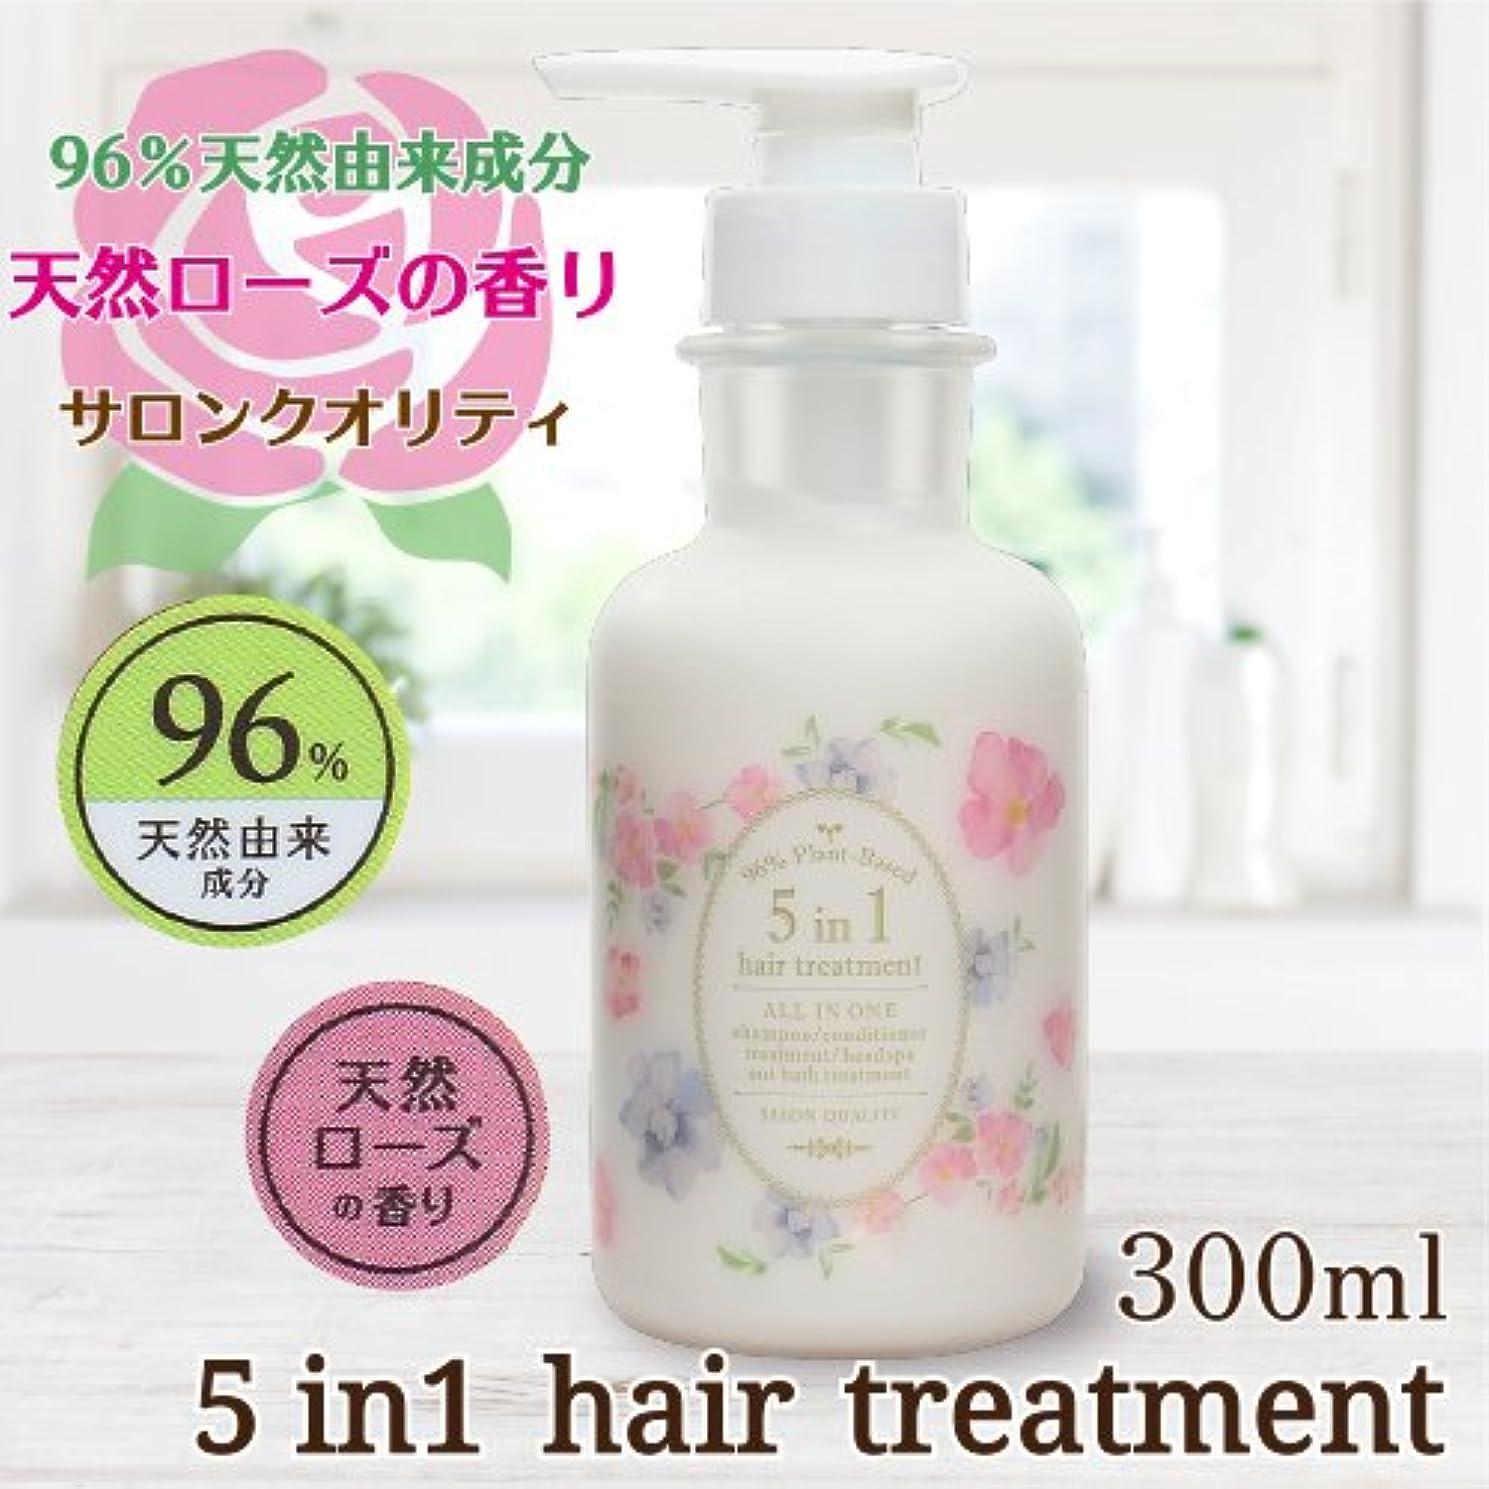 ハプニング終了する強調する5in1 hair treatment